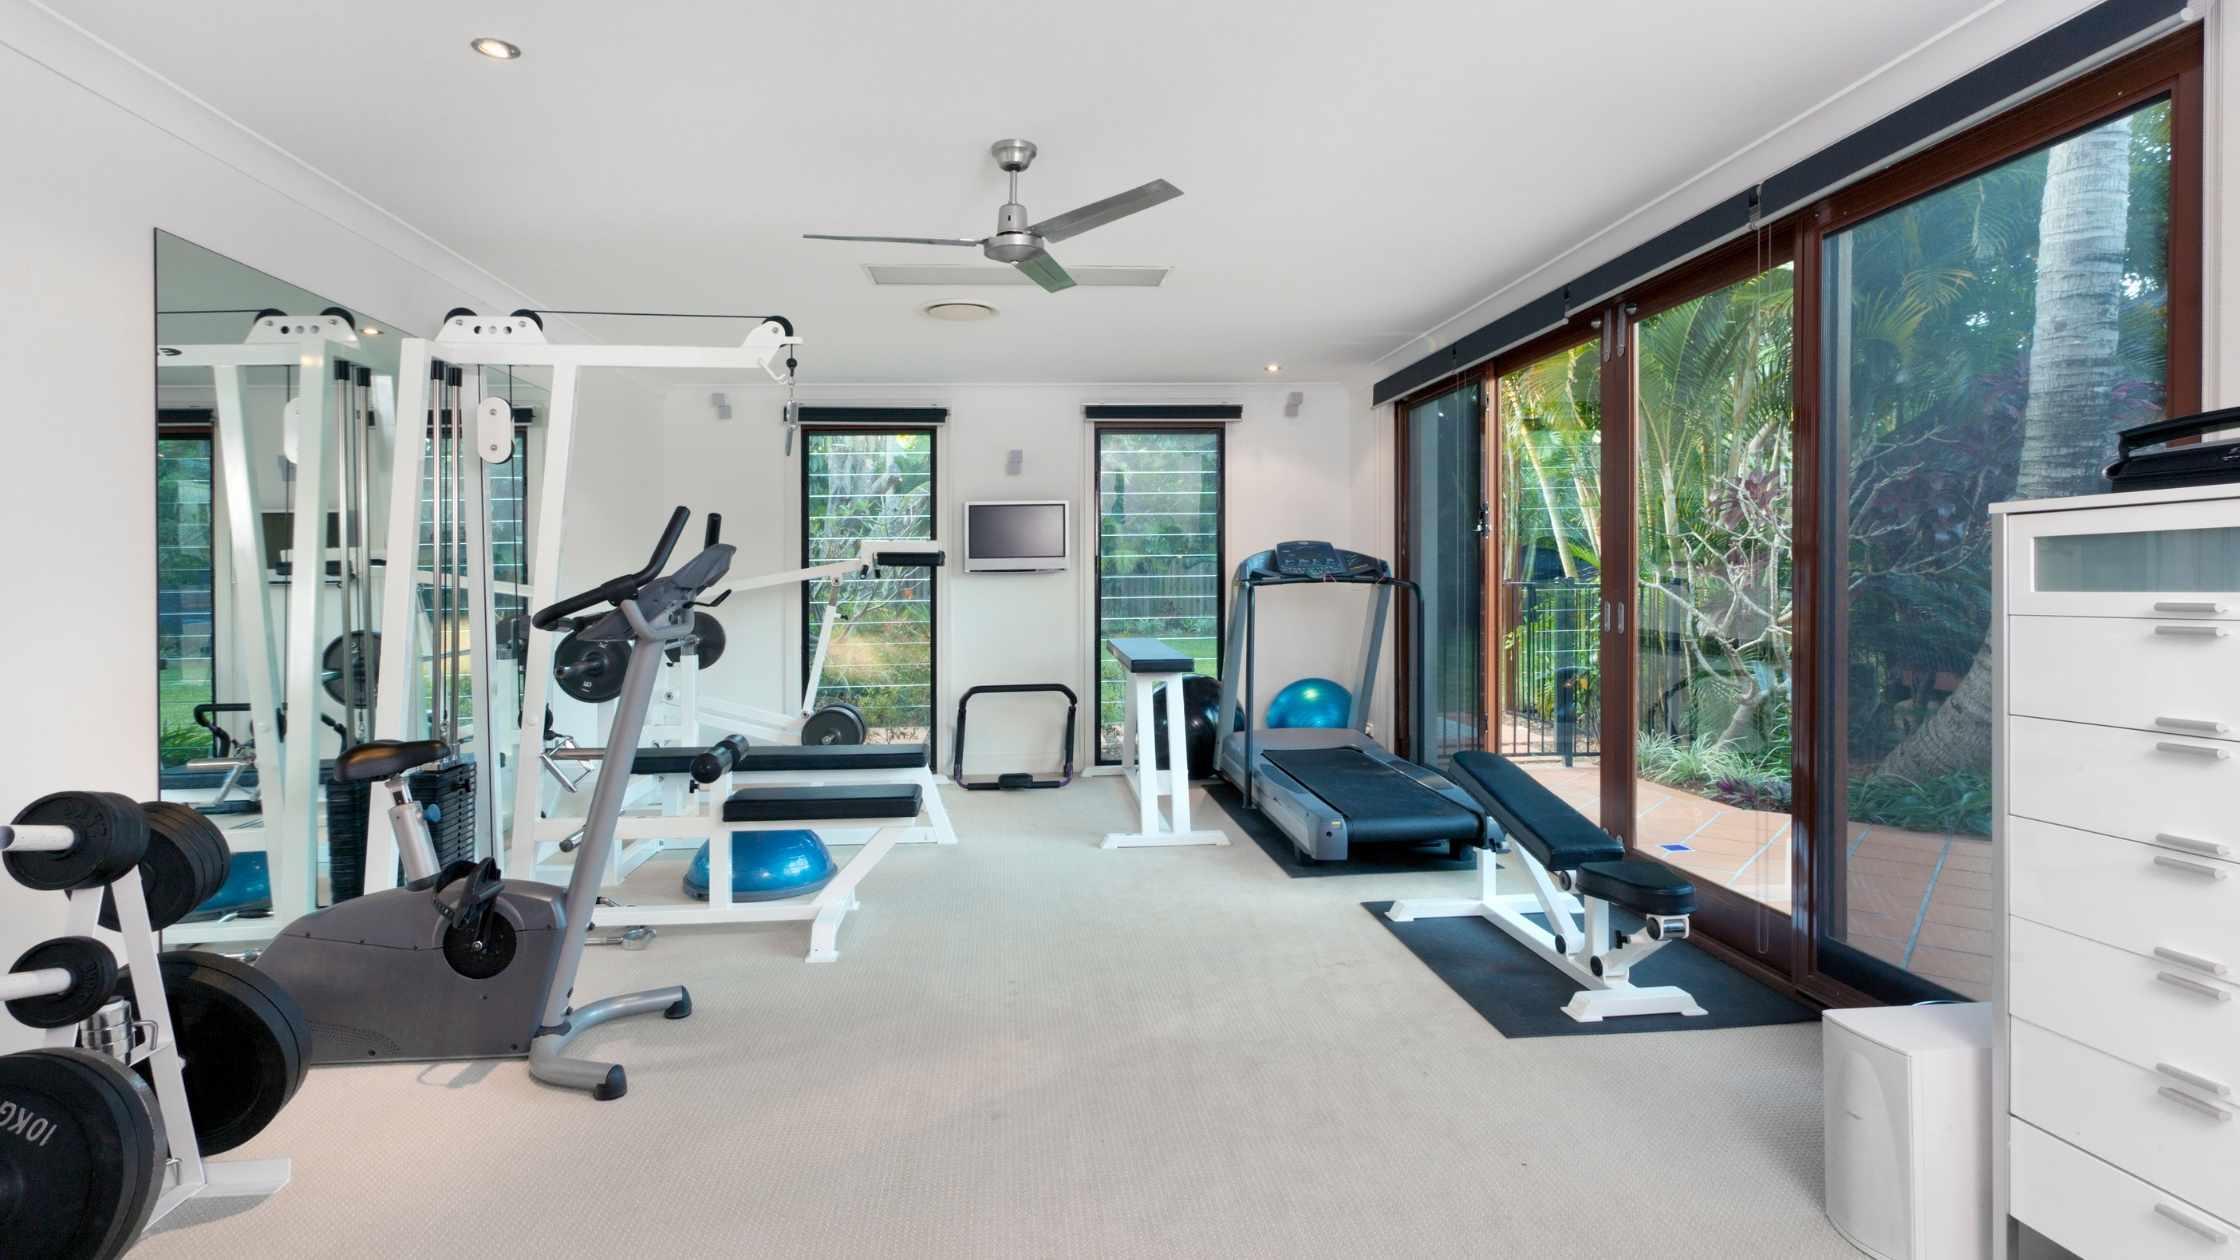 Home Gym Under 500 dollars